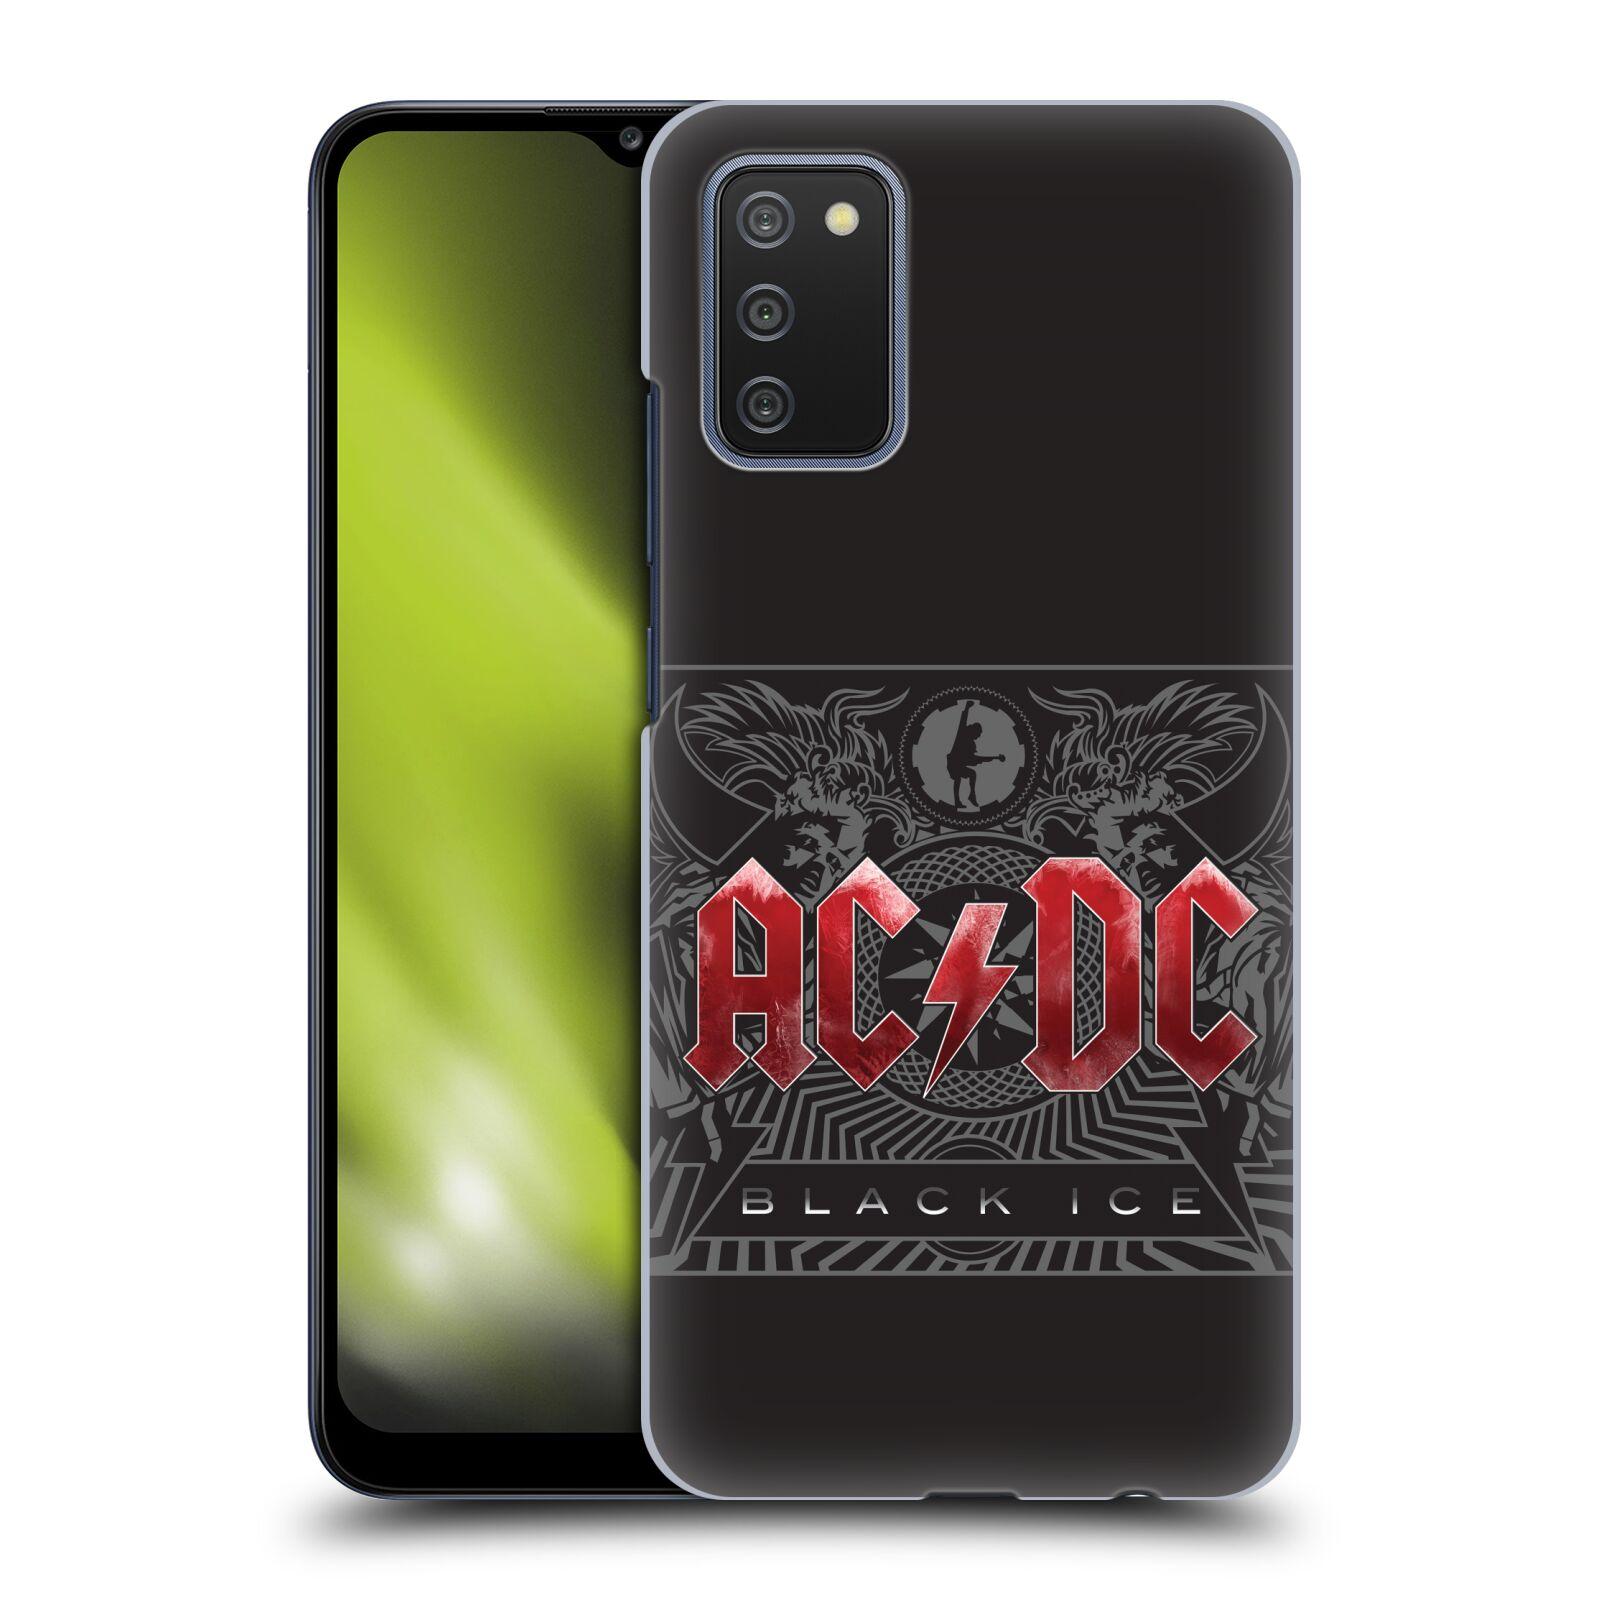 Plastové pouzdro na mobil Samsung Galaxy A02s - Head Case - AC/DC Black Ice